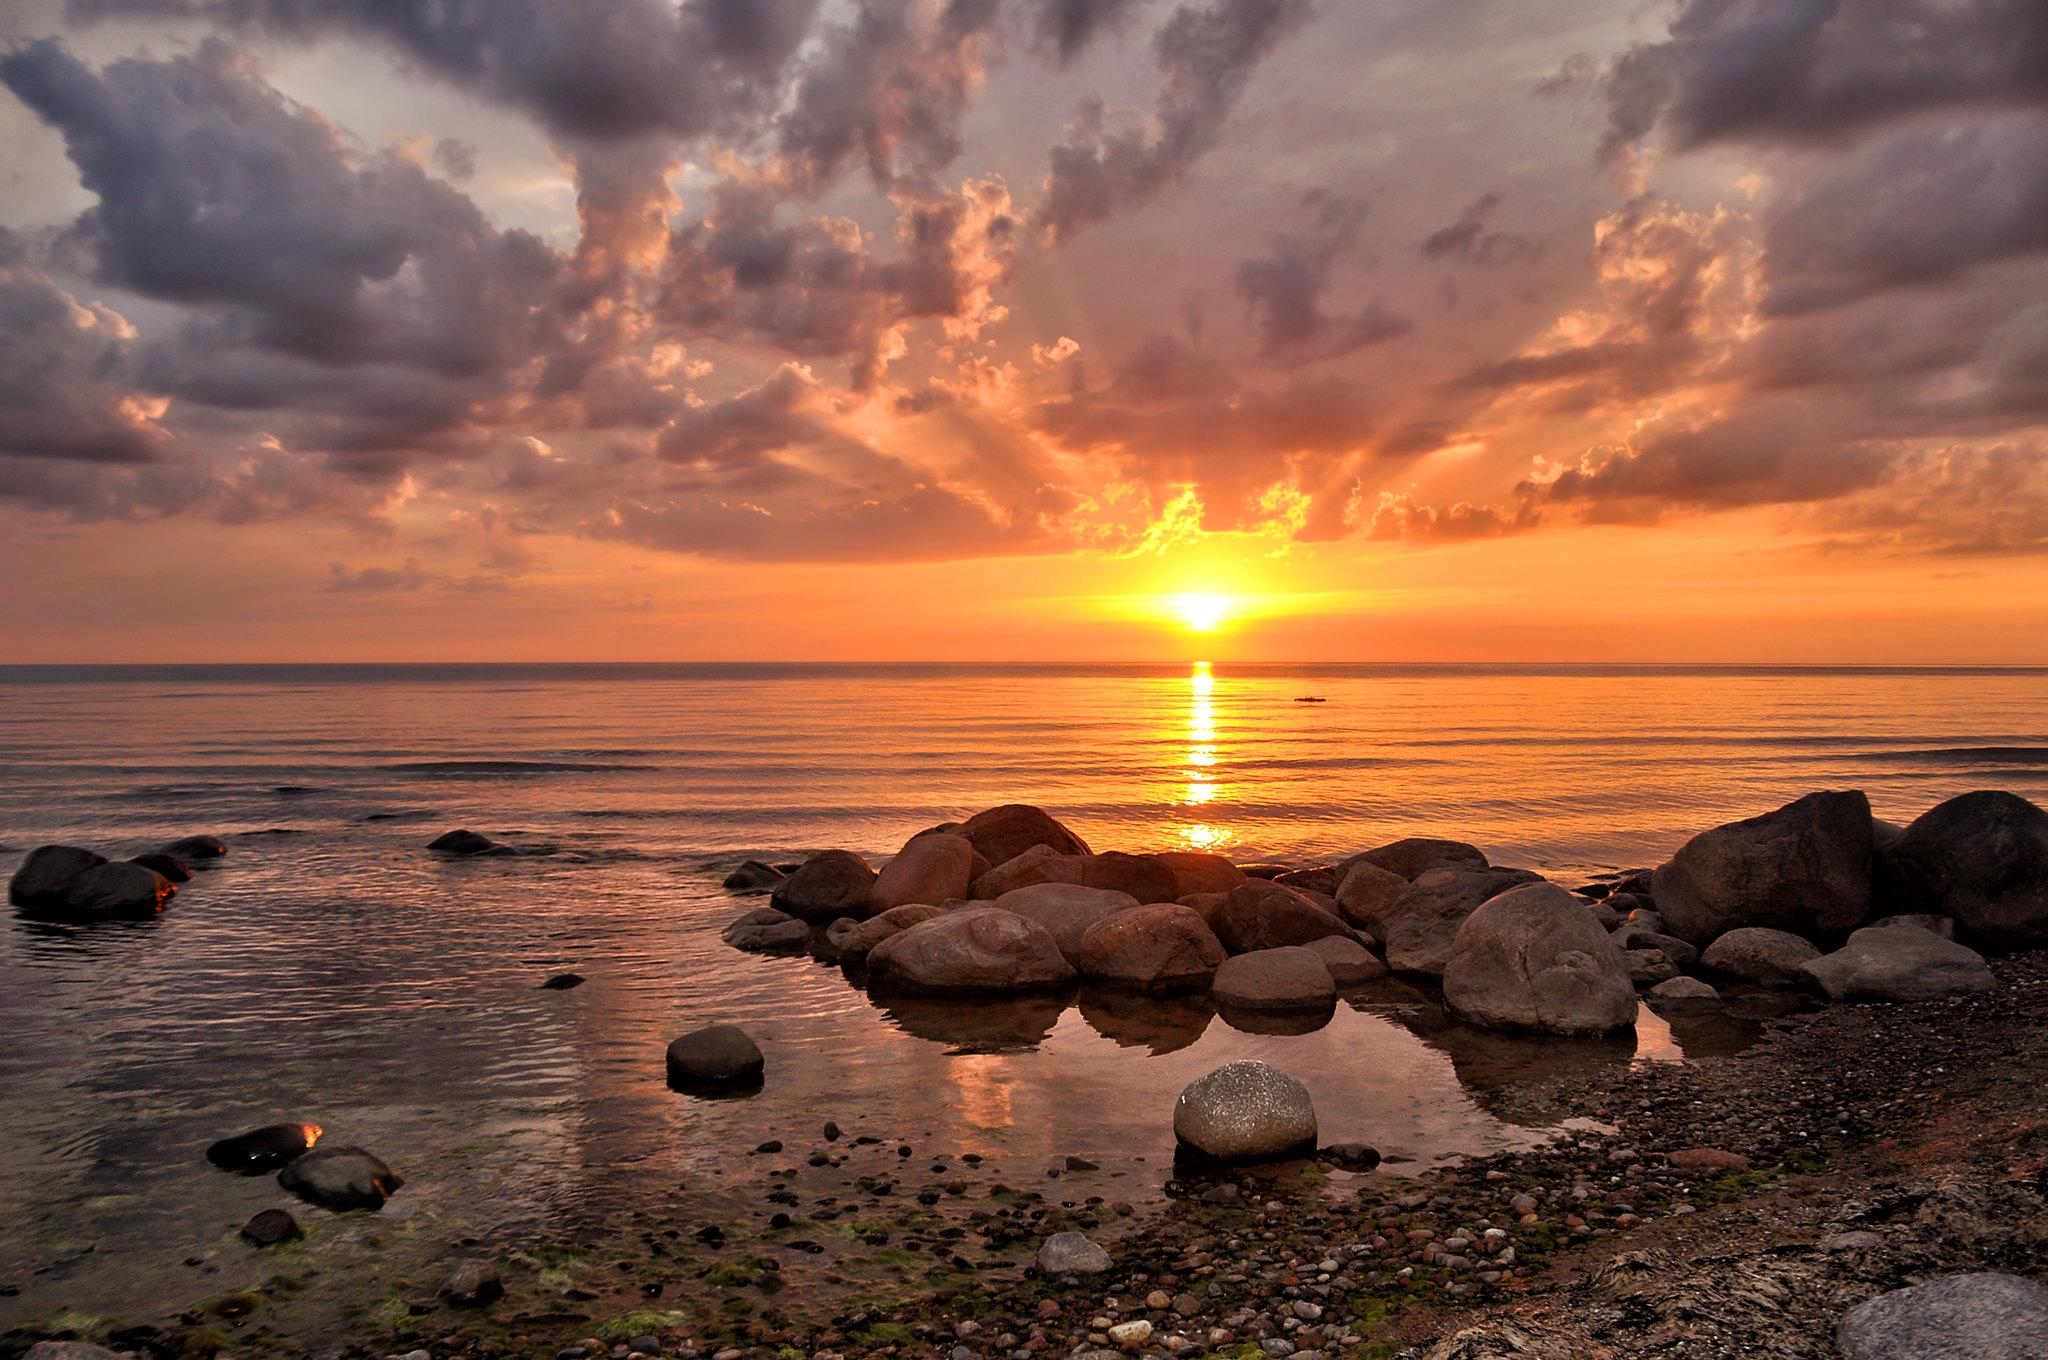 Zelta brilliiteem saulrietaa skatiities 05.08.2012